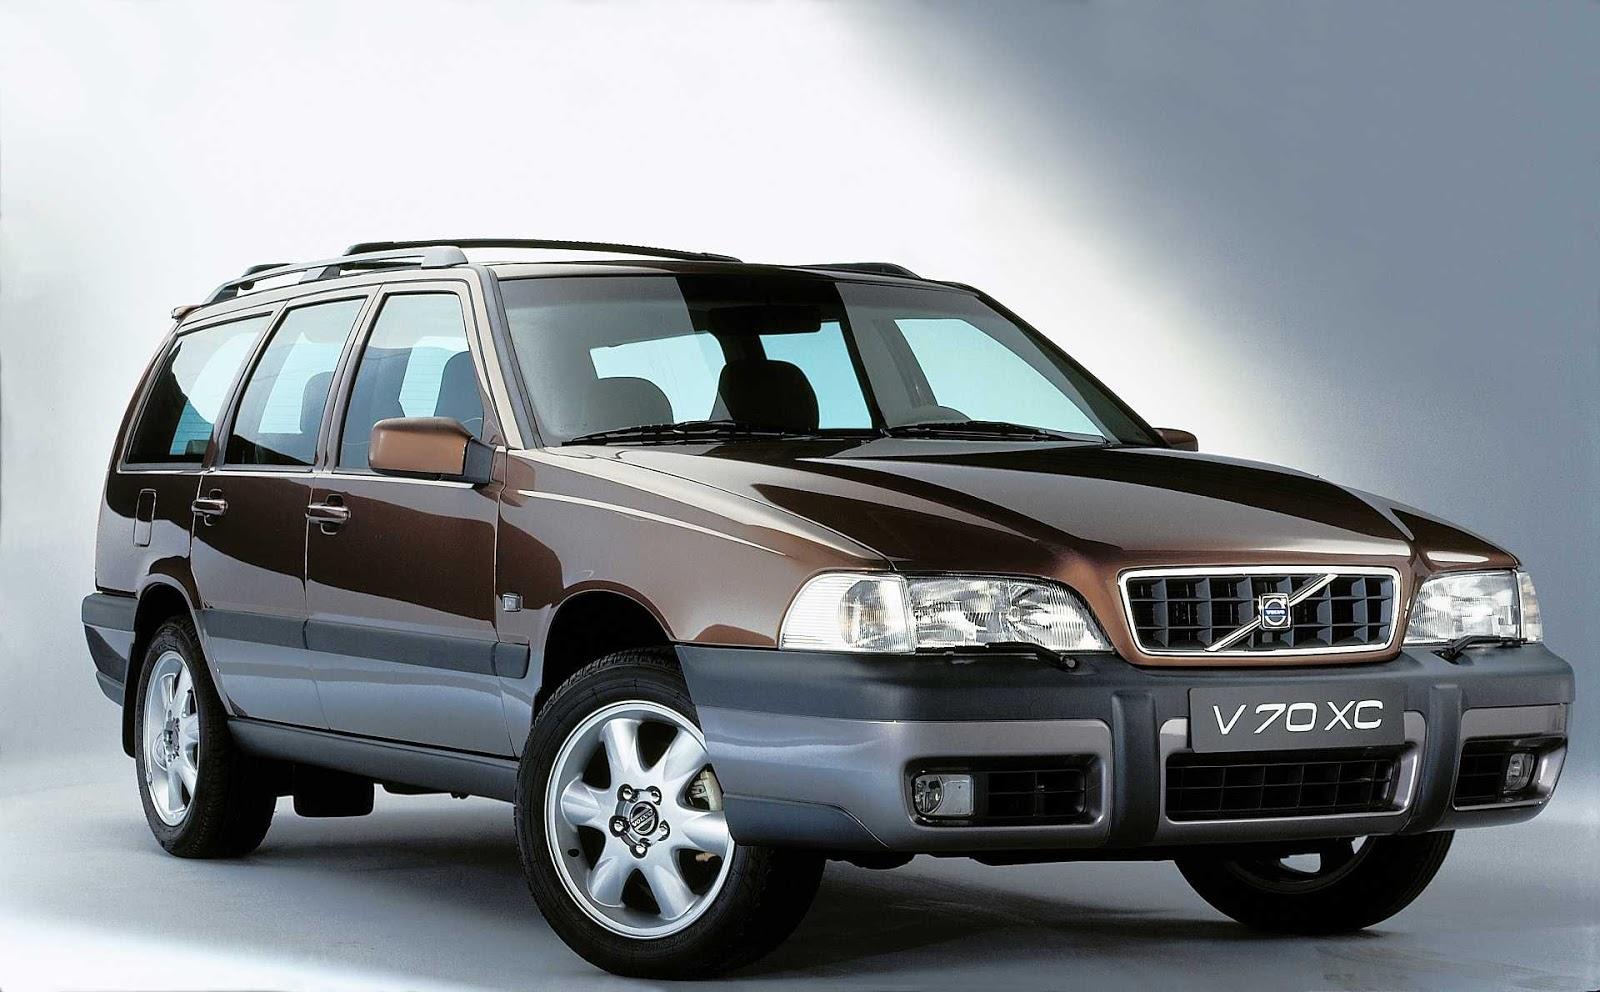 V702BXC2B25CF258425CE25BF2B1996 1 Το Volvo V90 Cross Country απευθύνεται σε ανήσυχους εξερευνητές της περιπέτειας! Crossover, Volvo, Volvo Car Hellas, Volvo Cars, Volvo V70 XC, Volvo V90 Cross Country, Volvo XC70